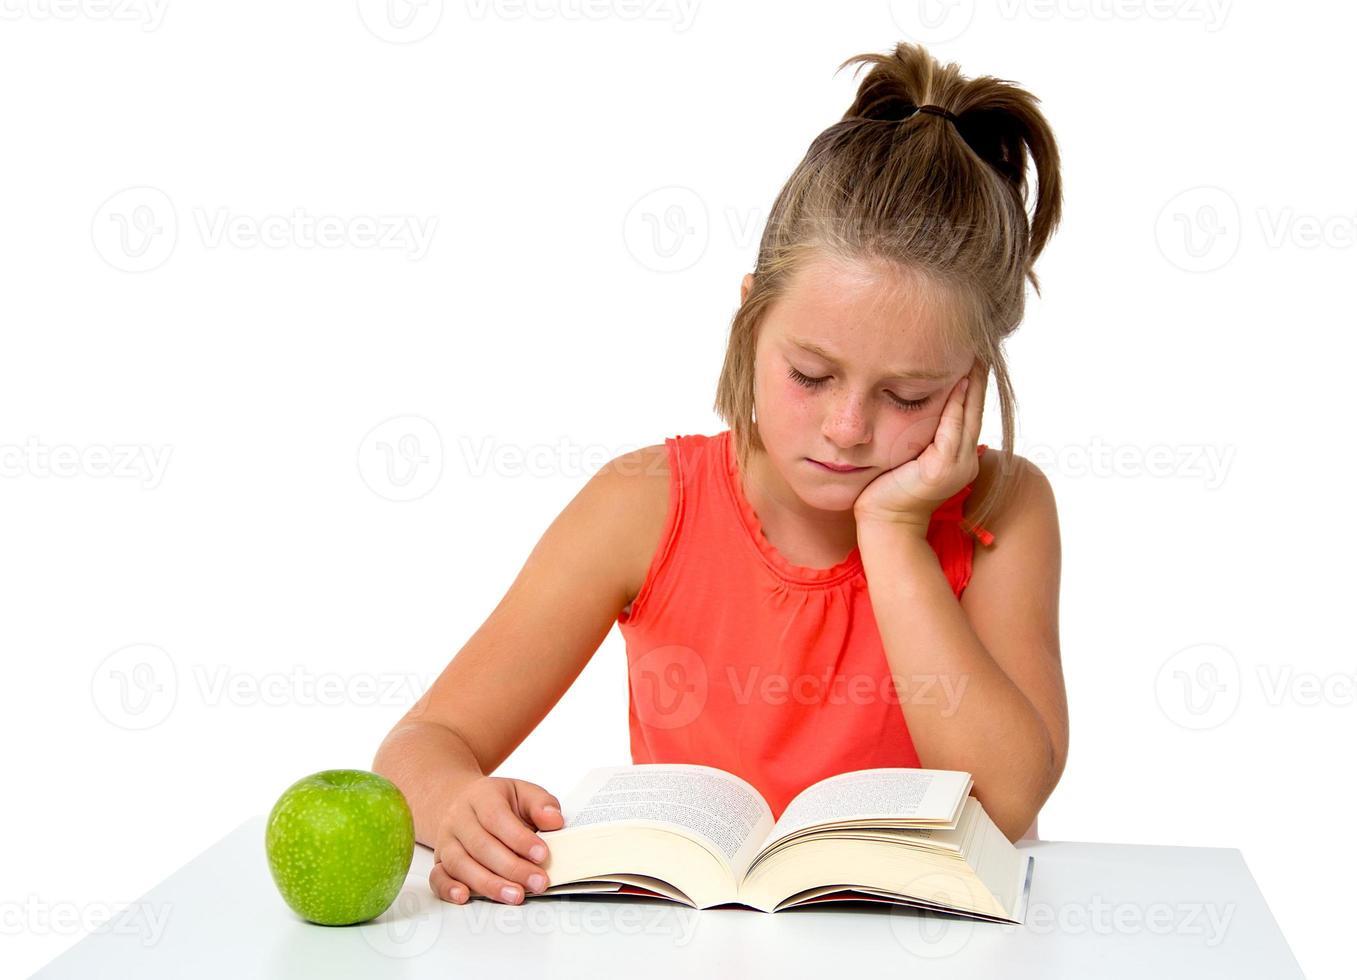 niña leyendo un libro foto